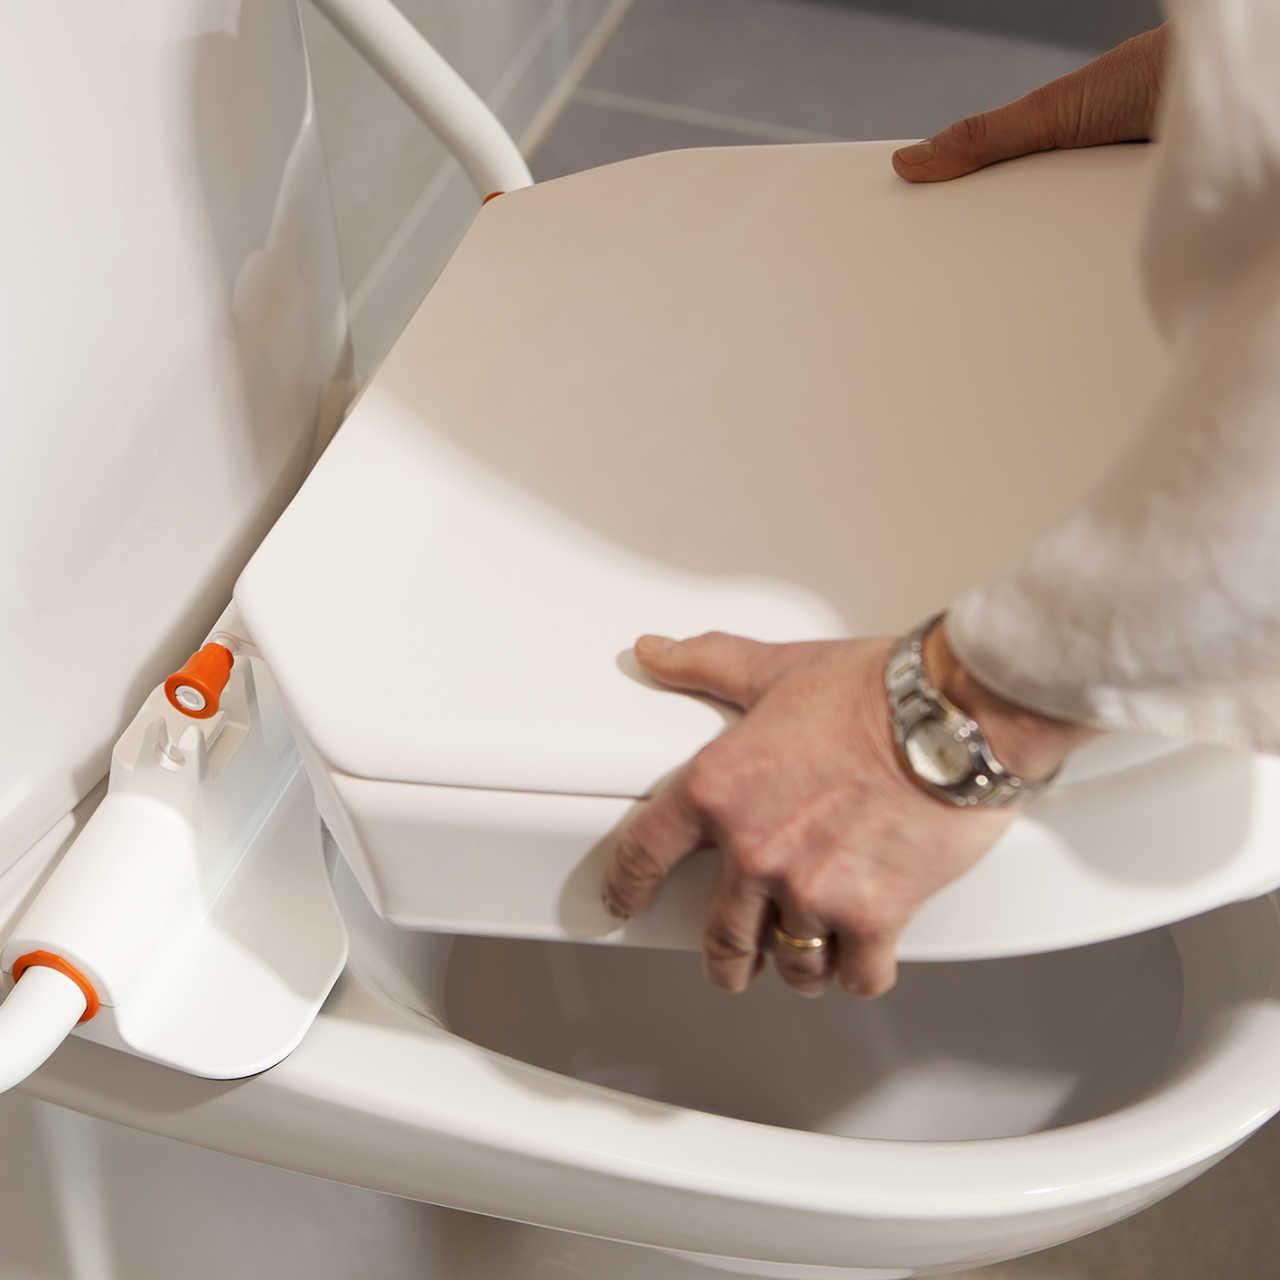 Nakładkę łatwo utrzymywać w czystości, dzięki możliwości szybkiego demontażu.